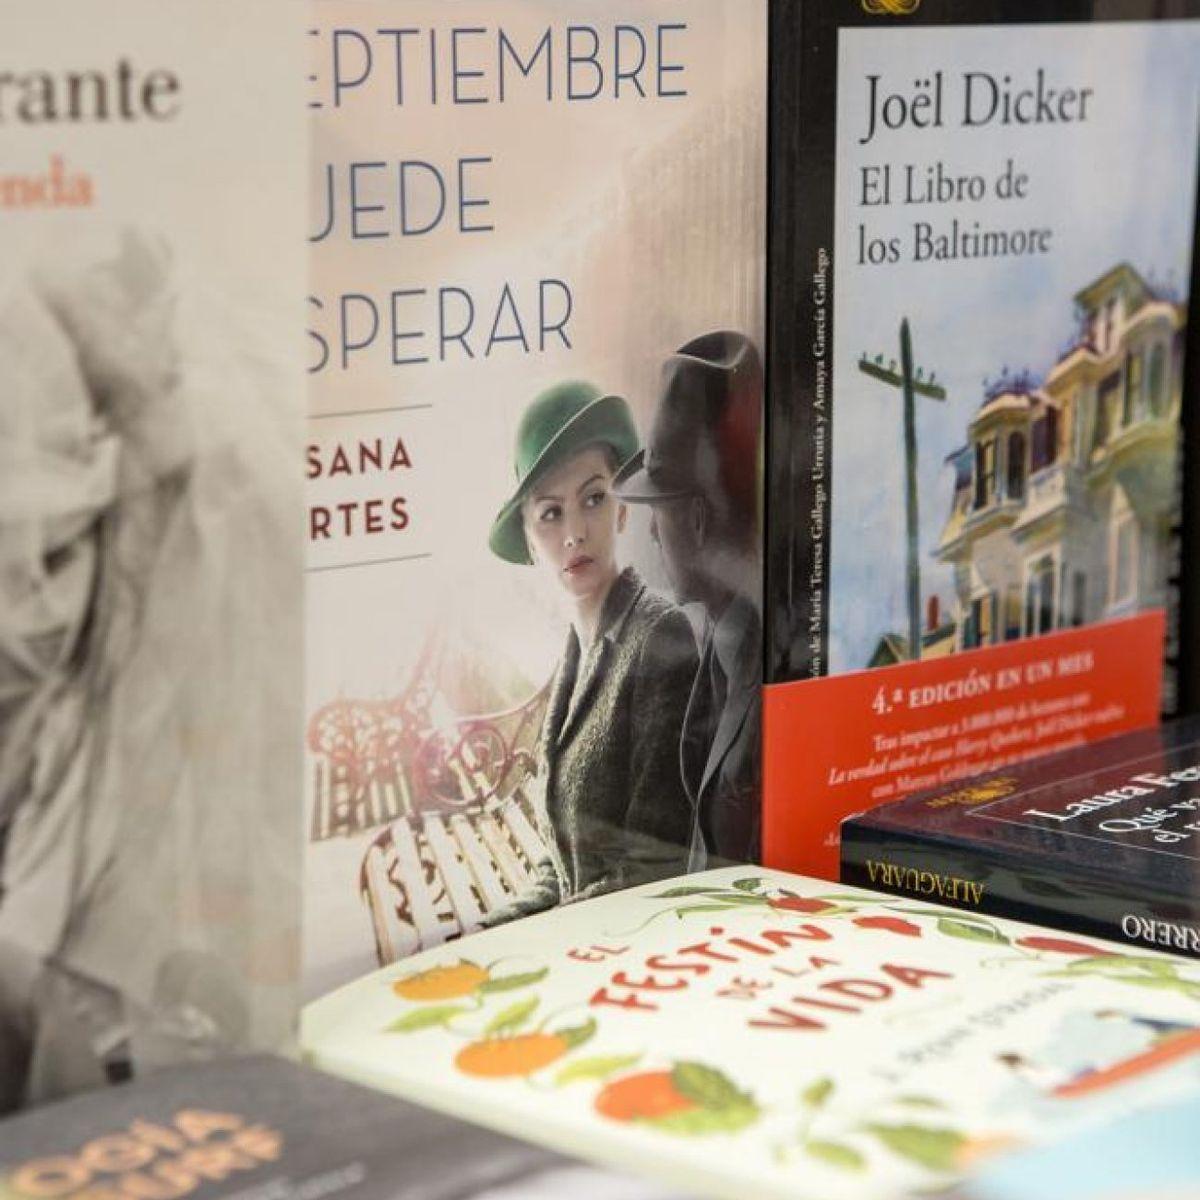 4134-la-libreria-de-deusto-05